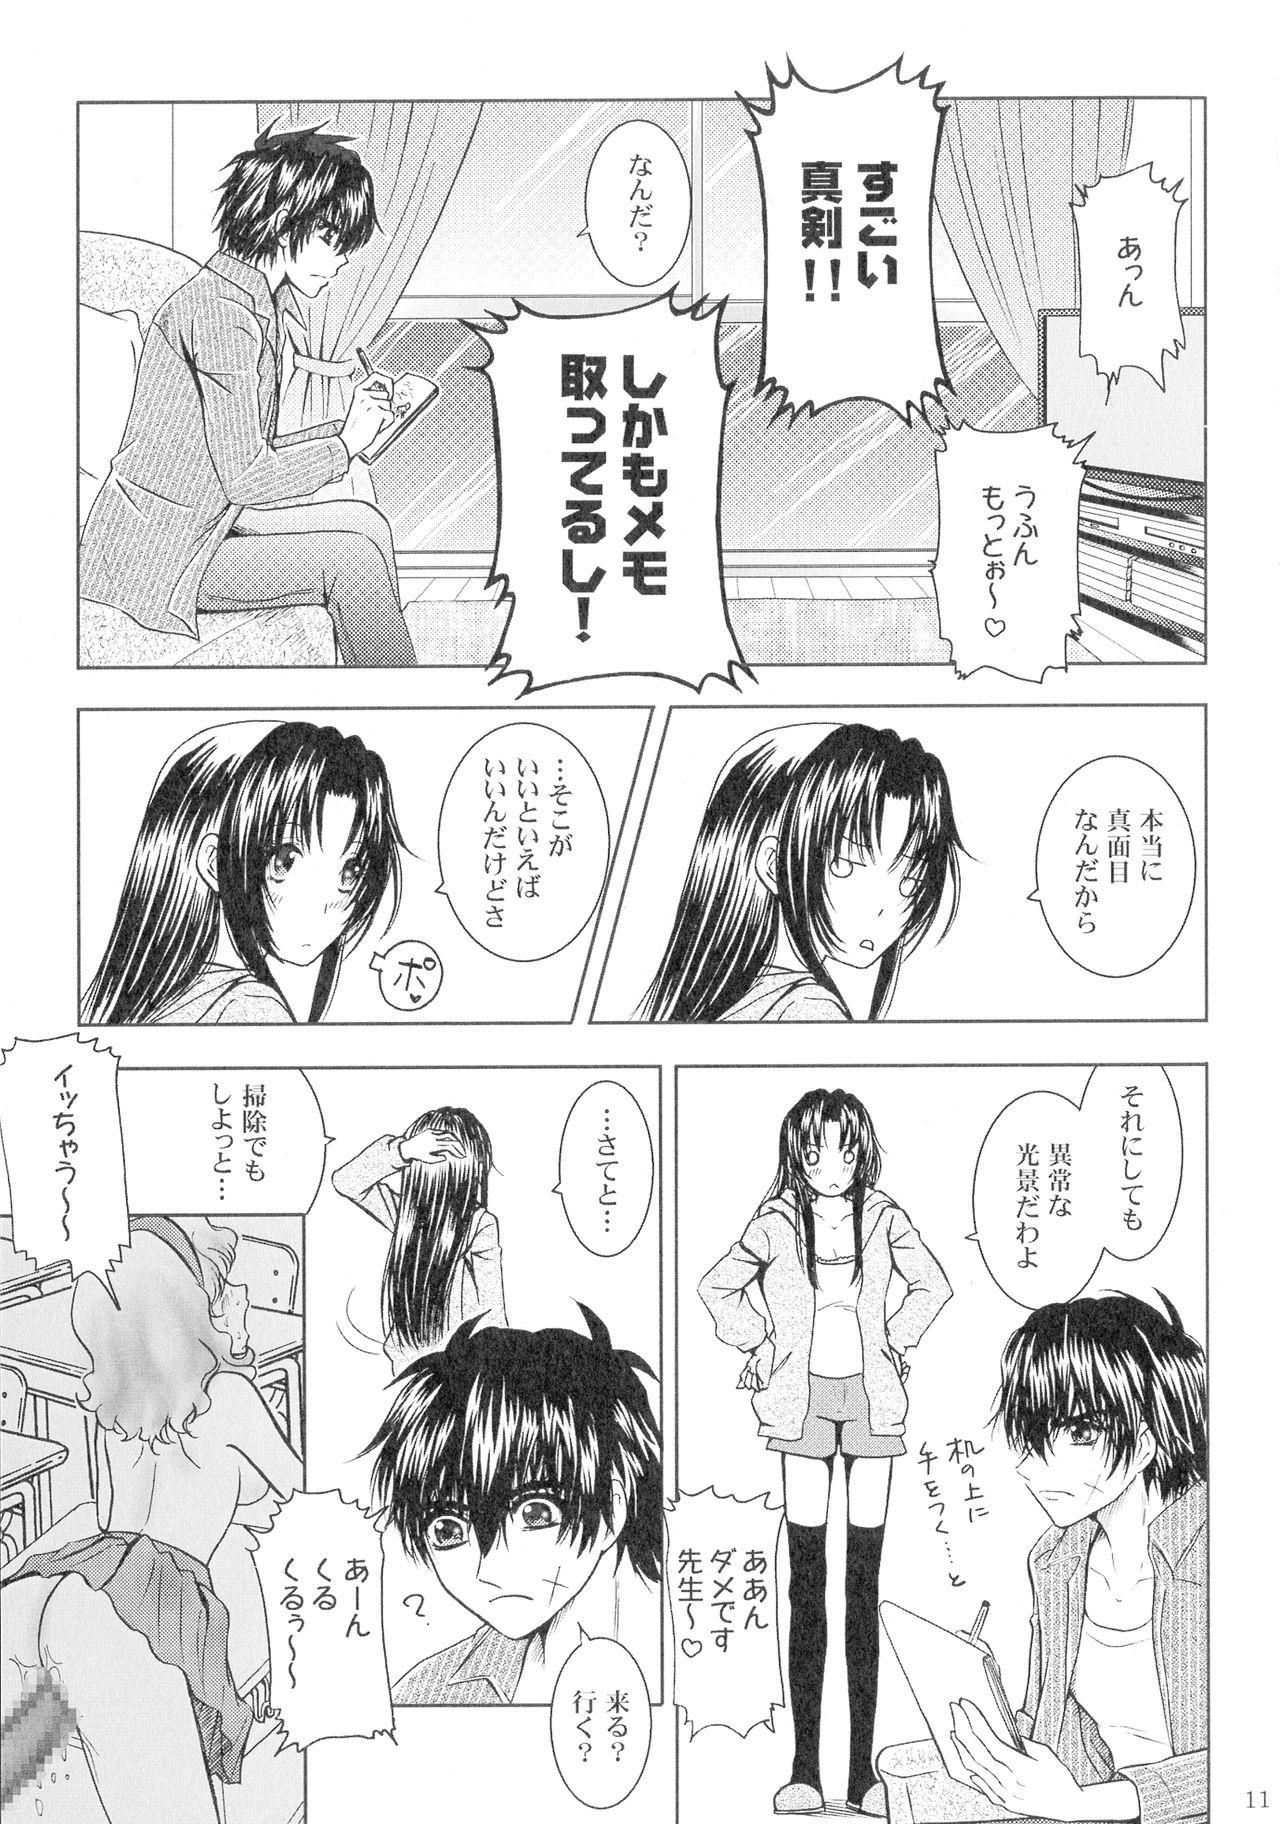 SEXY PANIC Sairoku-shuu VOL.3 10